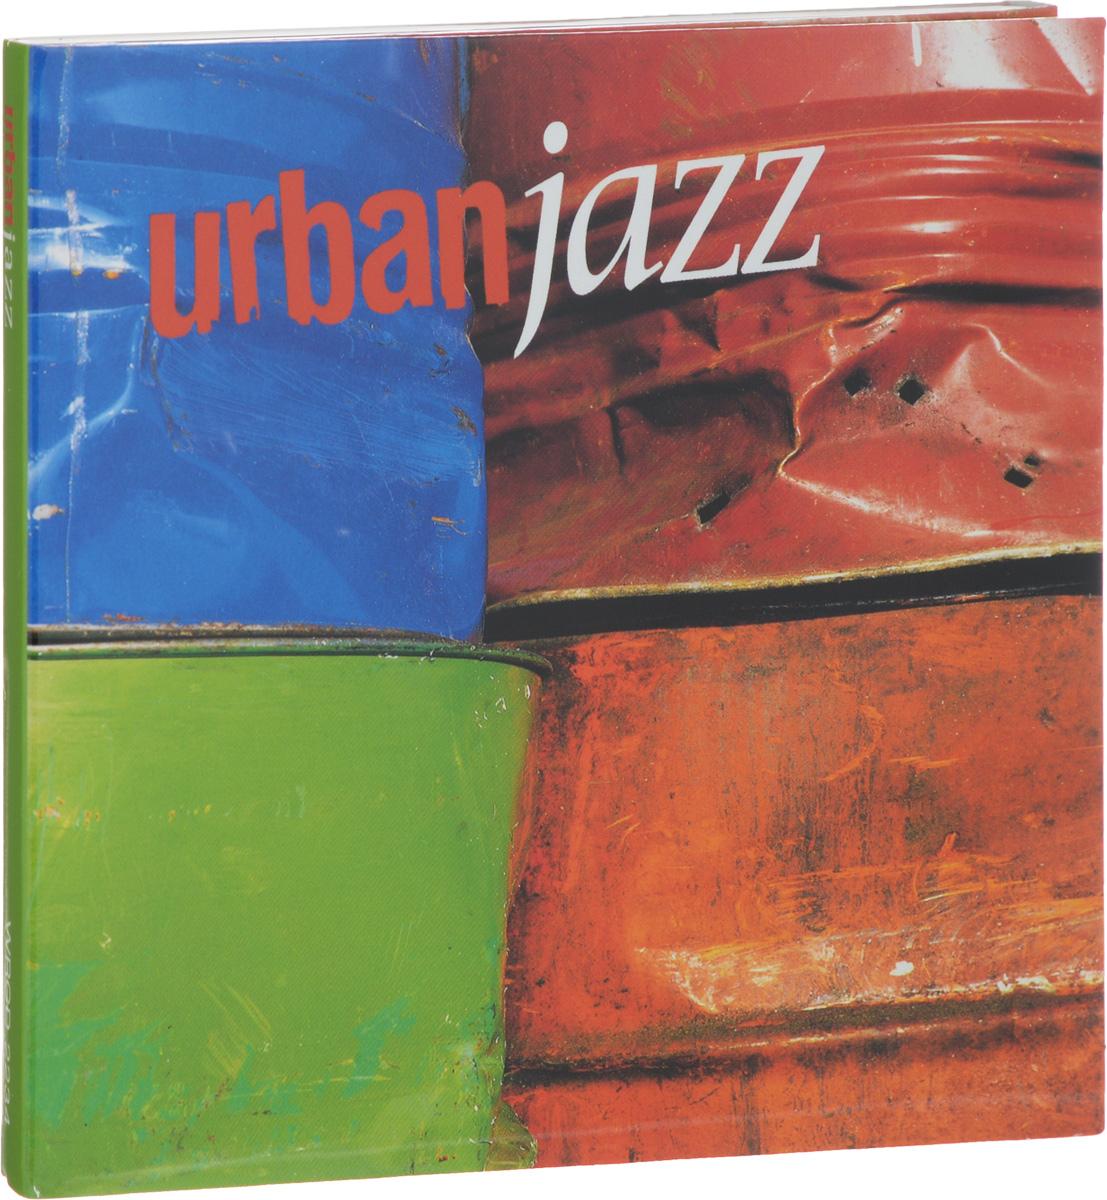 Urban Jazz (2 CD) trad jazz 2 cd